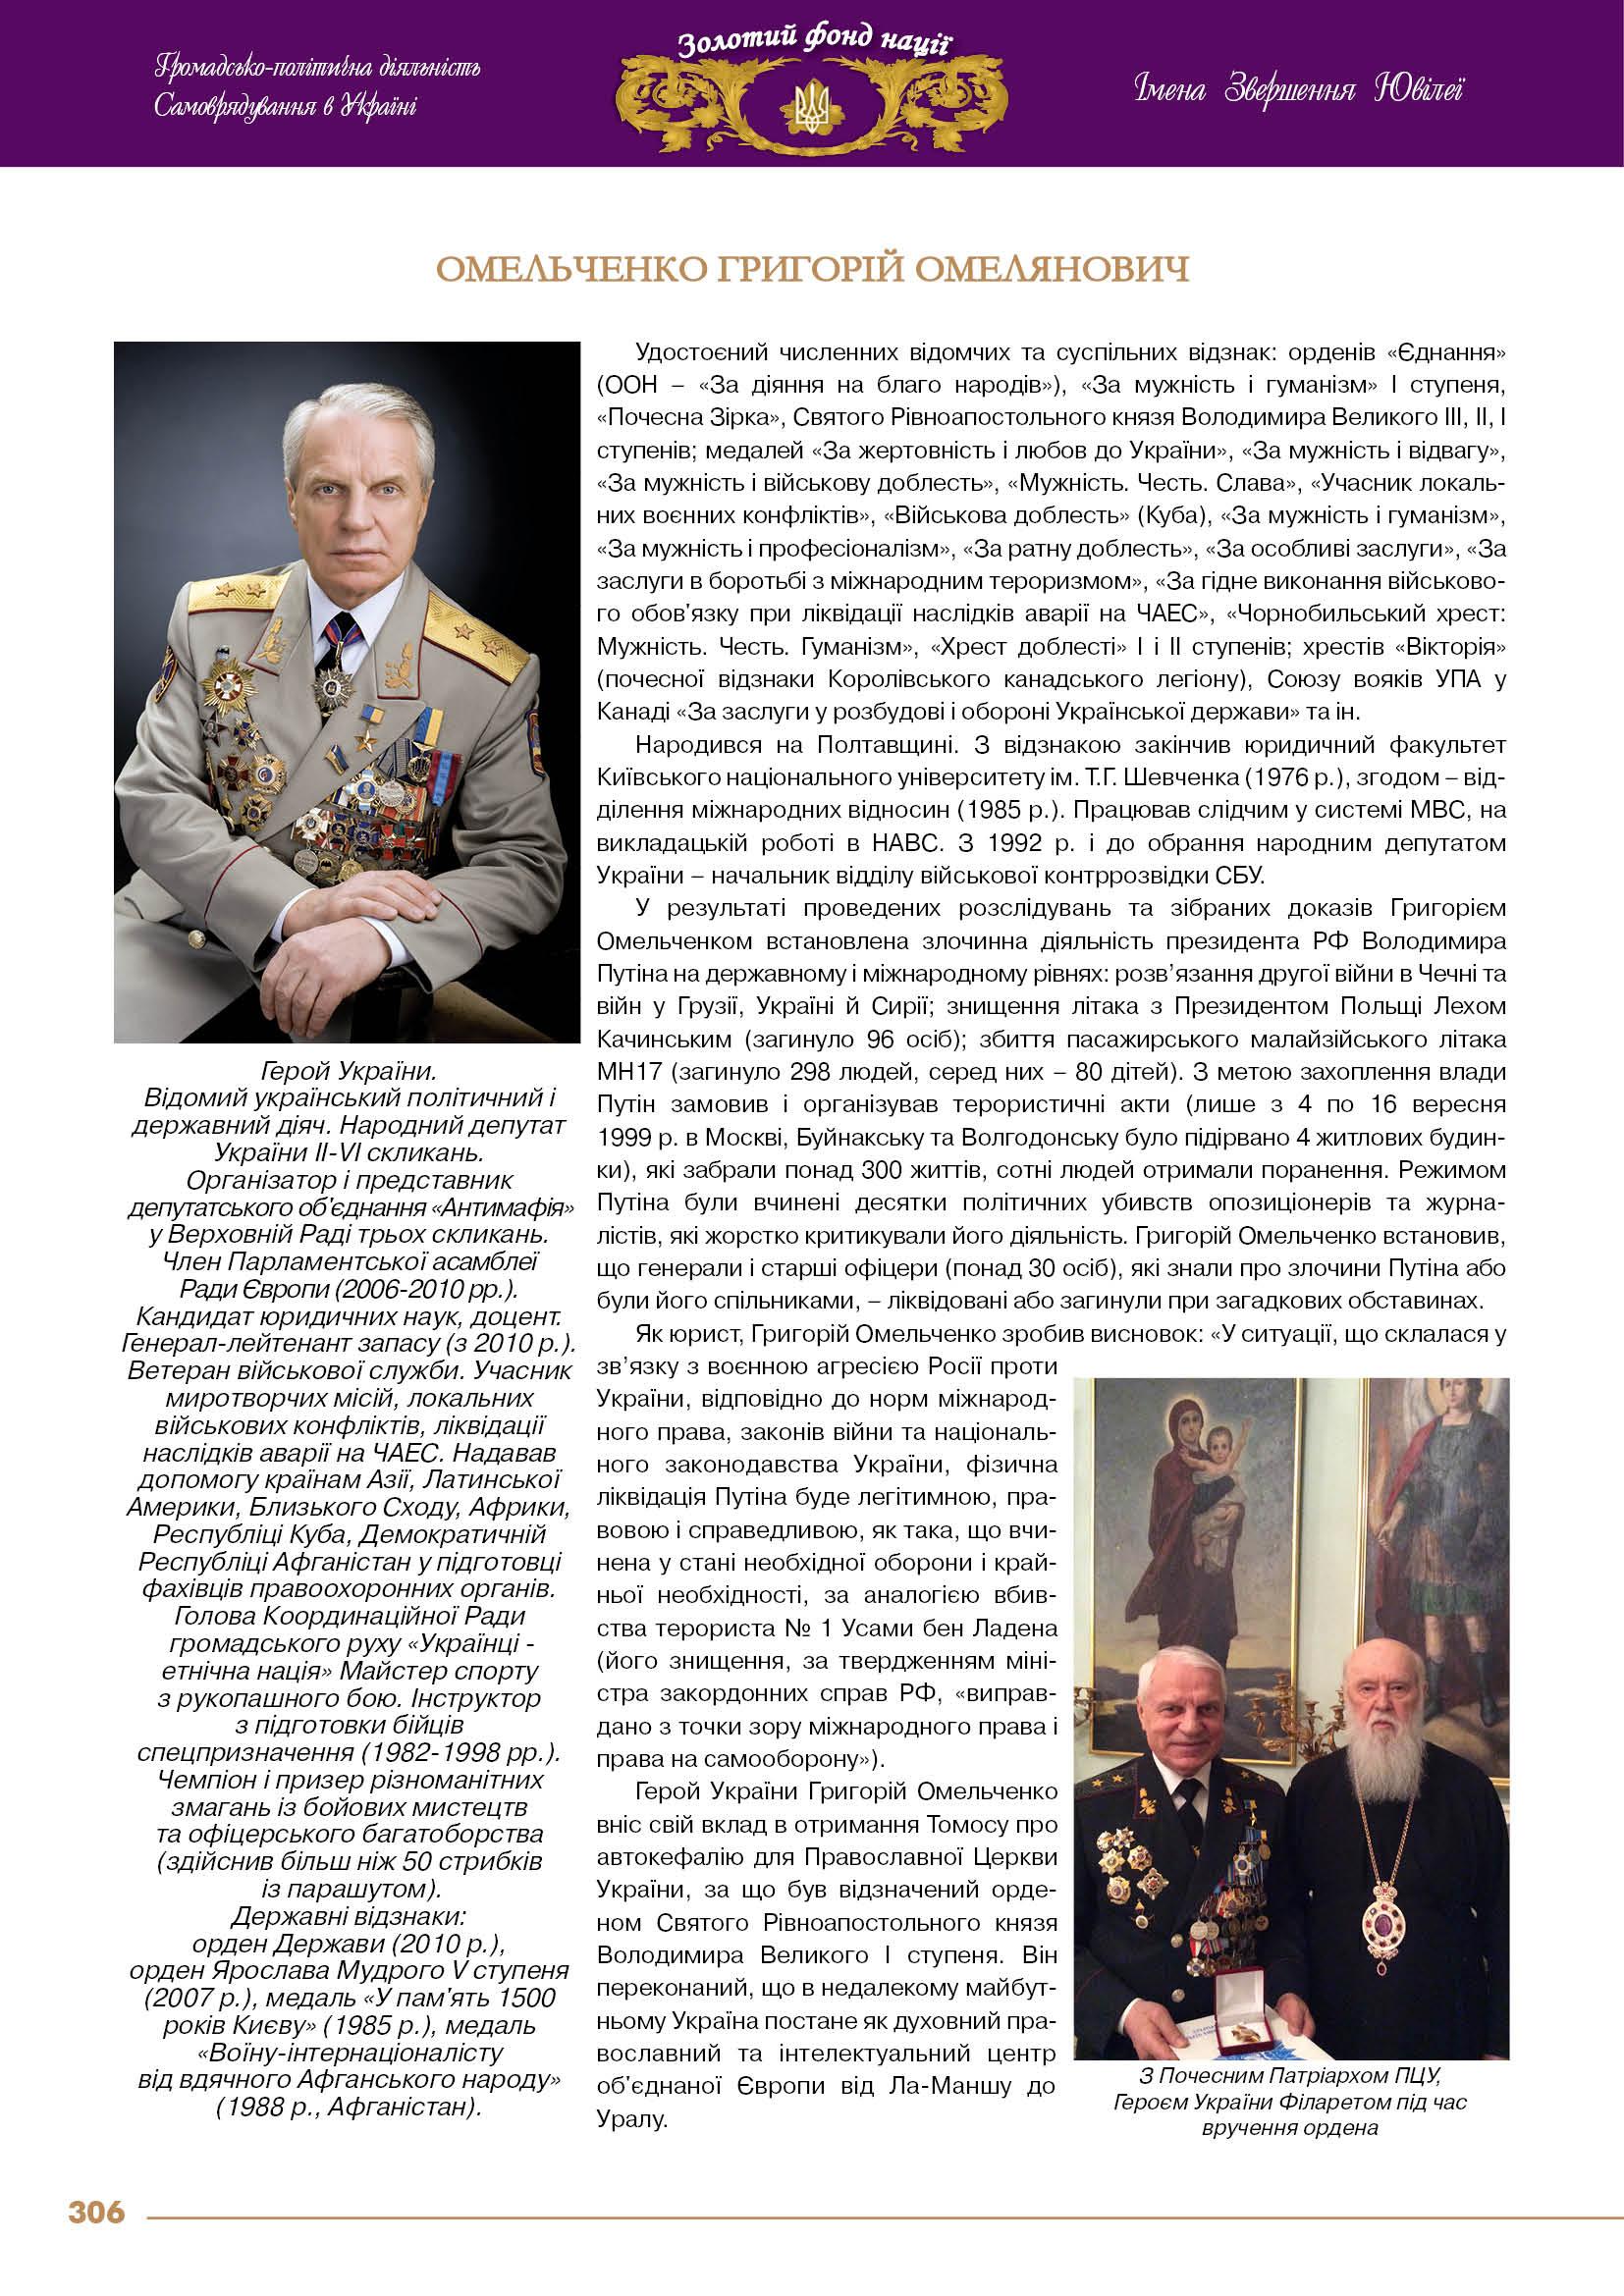 Омельченко Григорій Омелянович